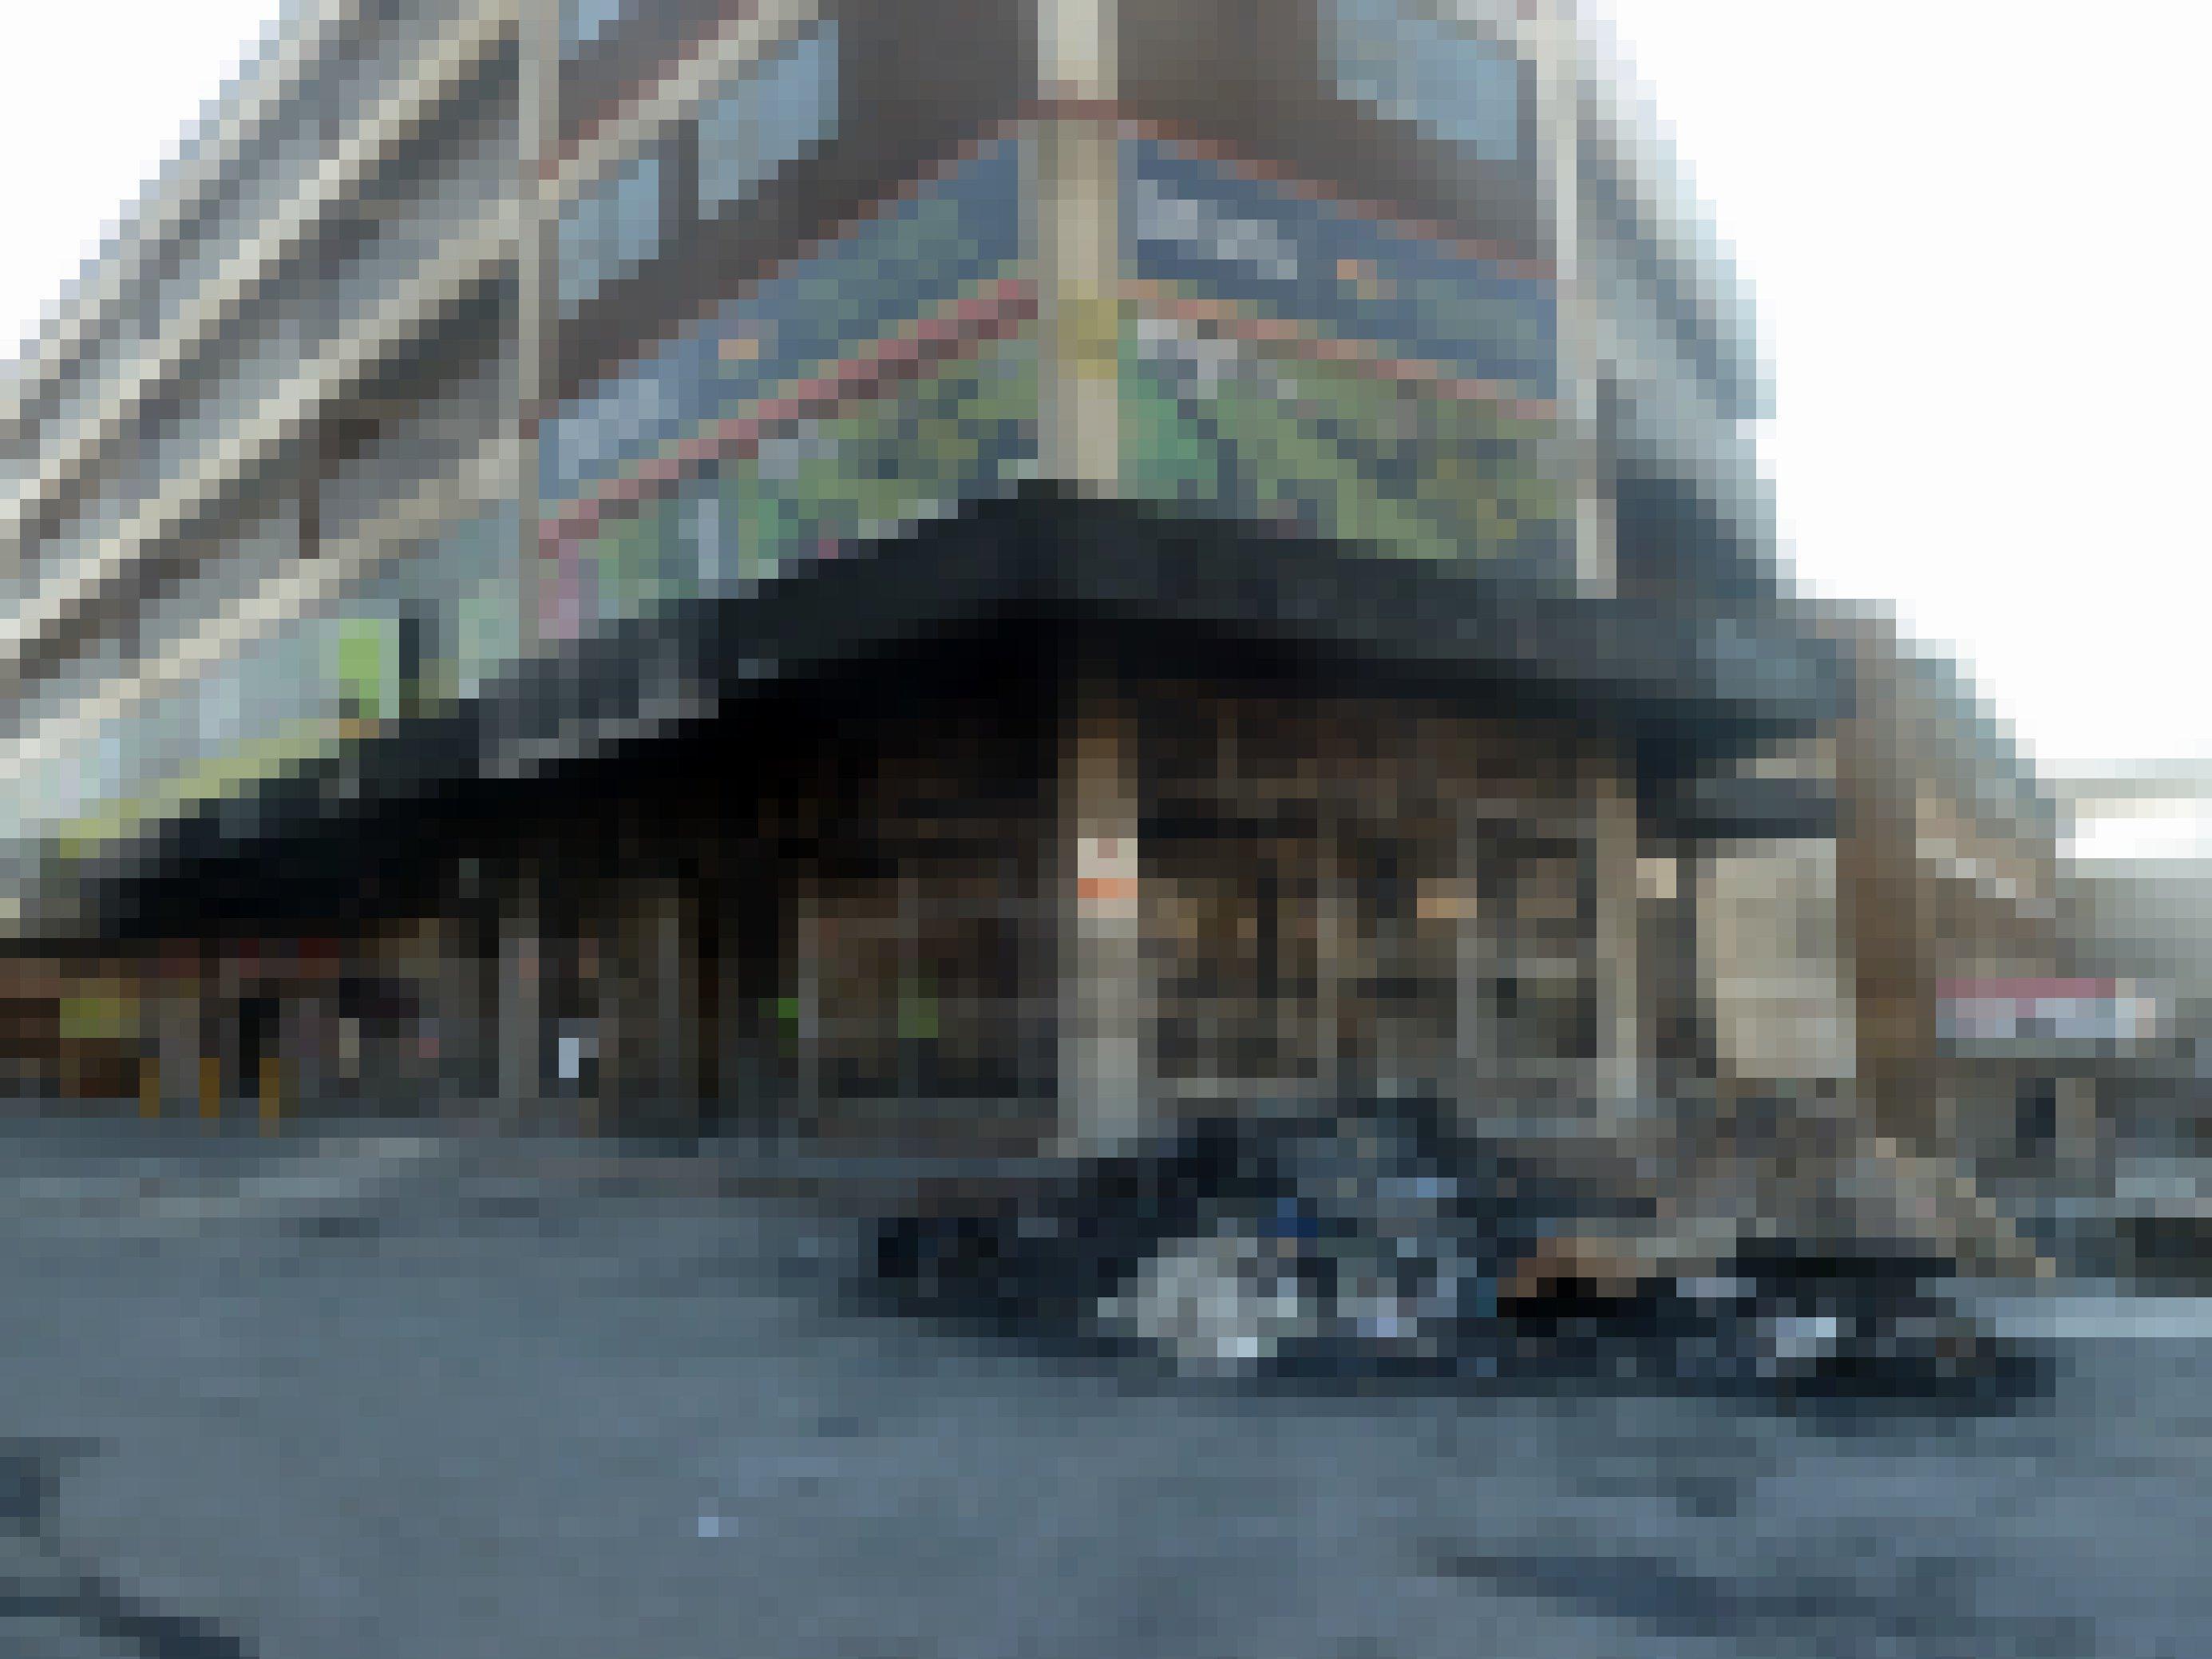 Ein ausgebrannter Laden an einer Straßenecke. Die Fenster sind zersprungen. Davor liegt ein Haufen Schutt.